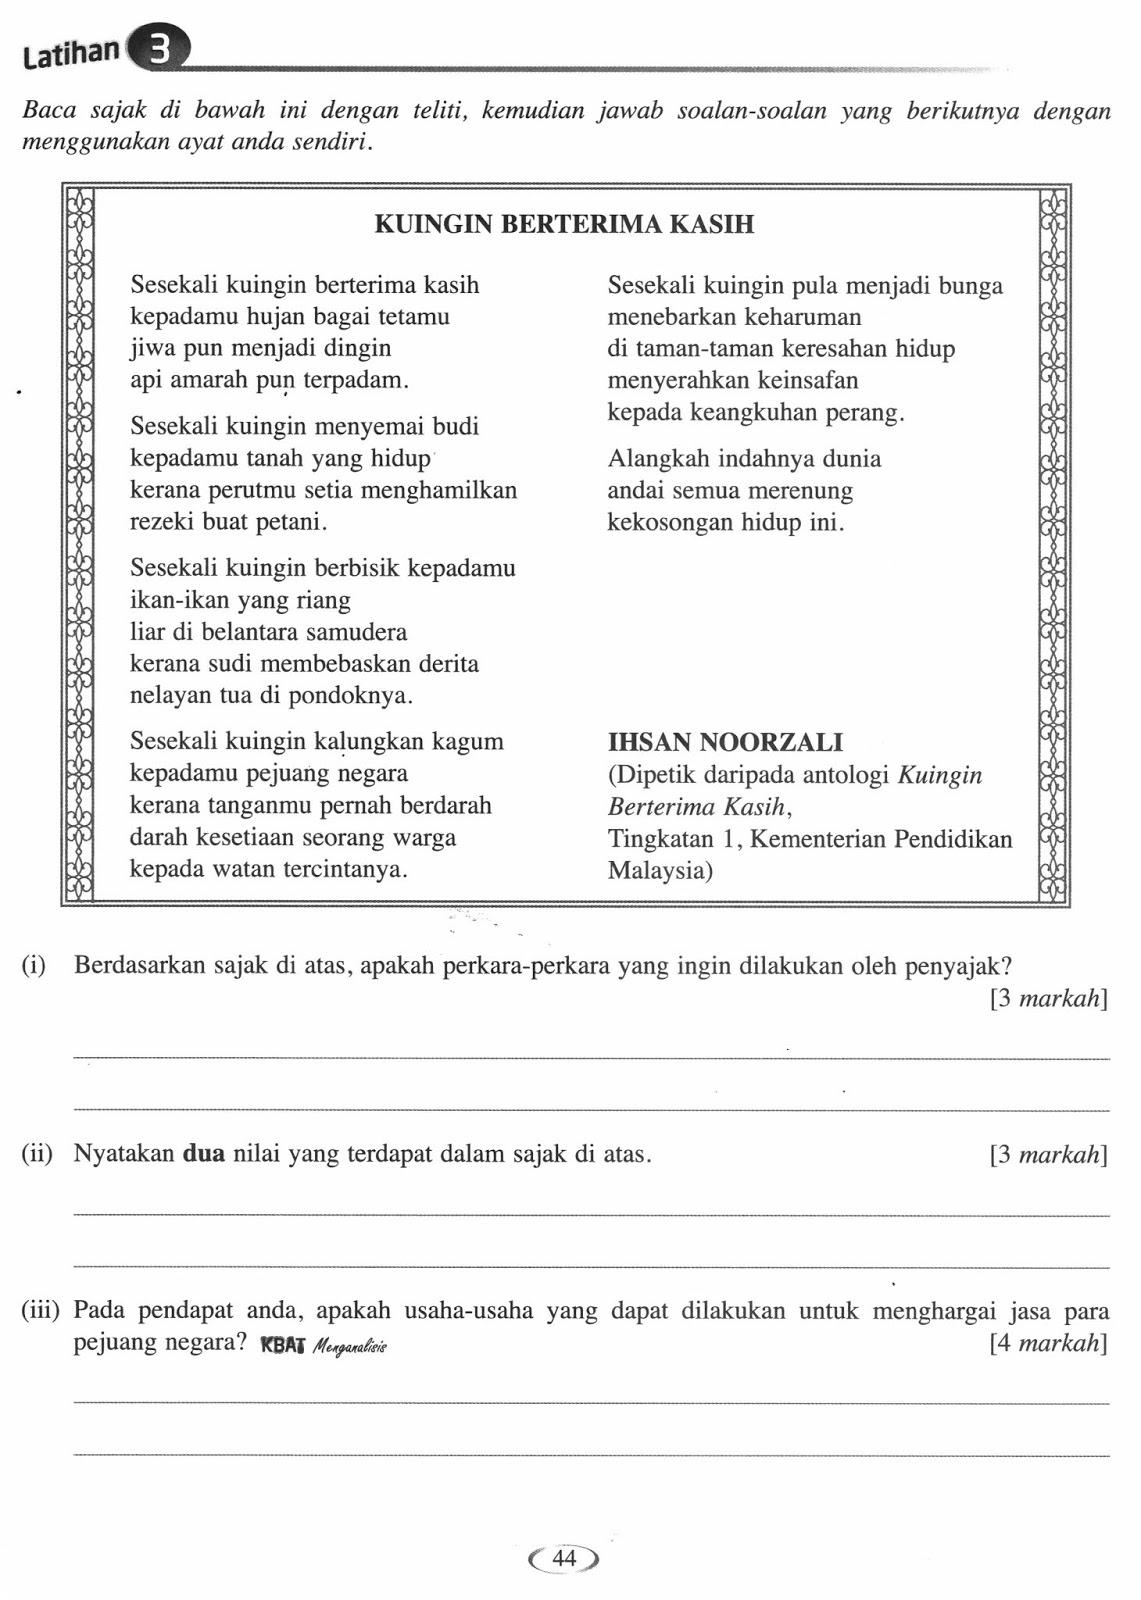 Soalan Bahasa Malaysia Tingkatan 1 2019 Di Rumah Aja Ya